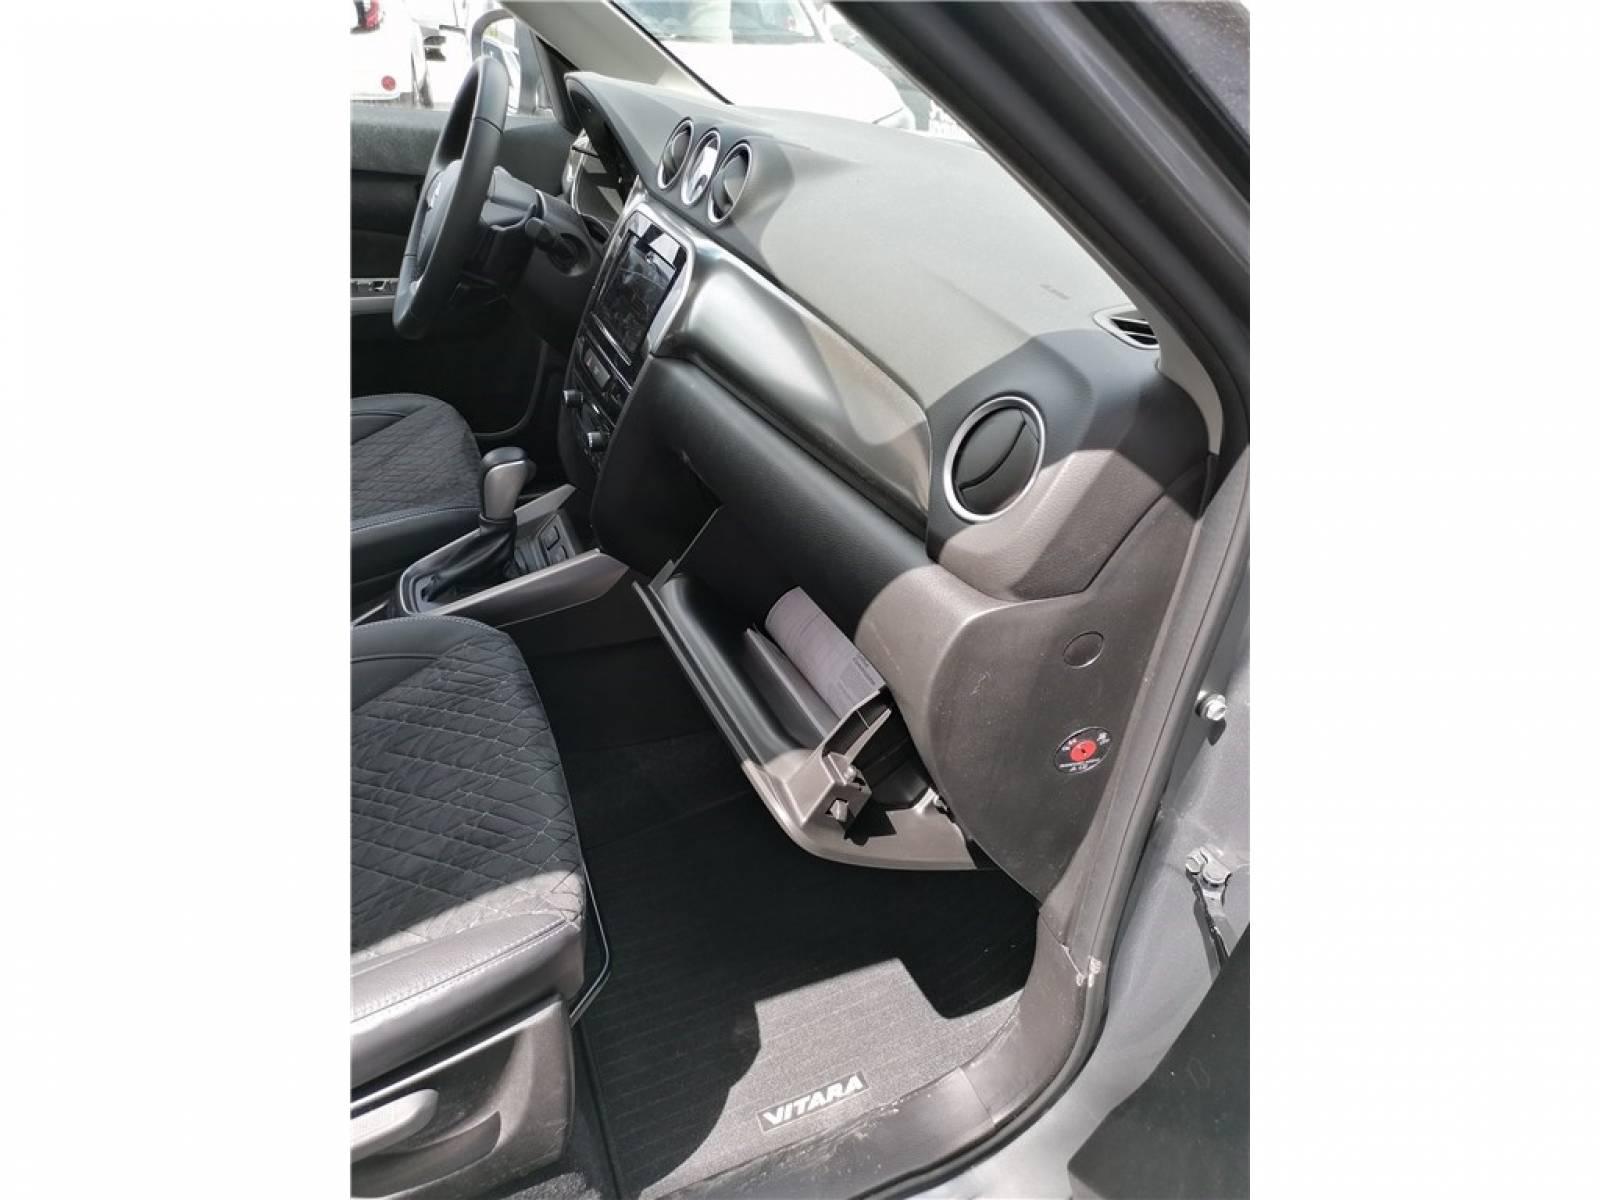 SUZUKI Vitara 1.4 Boosterjet Hybrid Auto - véhicule d'occasion - Groupe Guillet - Hall de l'automobile - Chalon sur Saône - 71380 - Saint-Marcel - 46